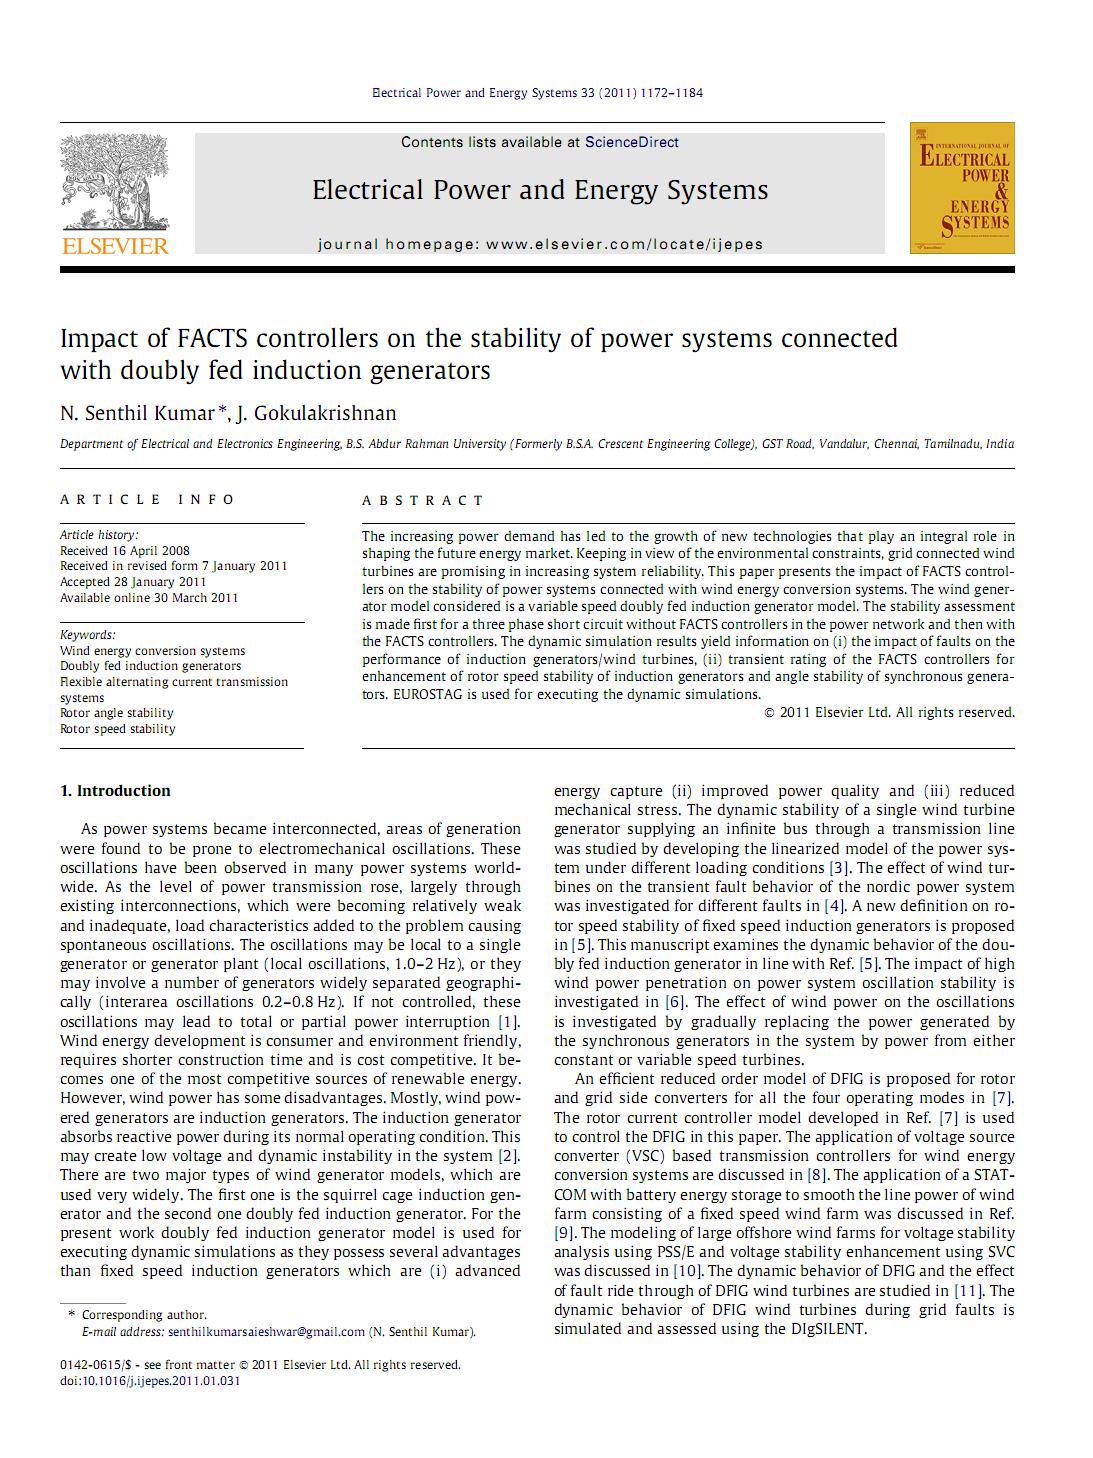 اثر کنترل کننده های FACTS بر روی پایداری سیستمهای توان متصل با مولدهای القایی با تغذیه مضاعف